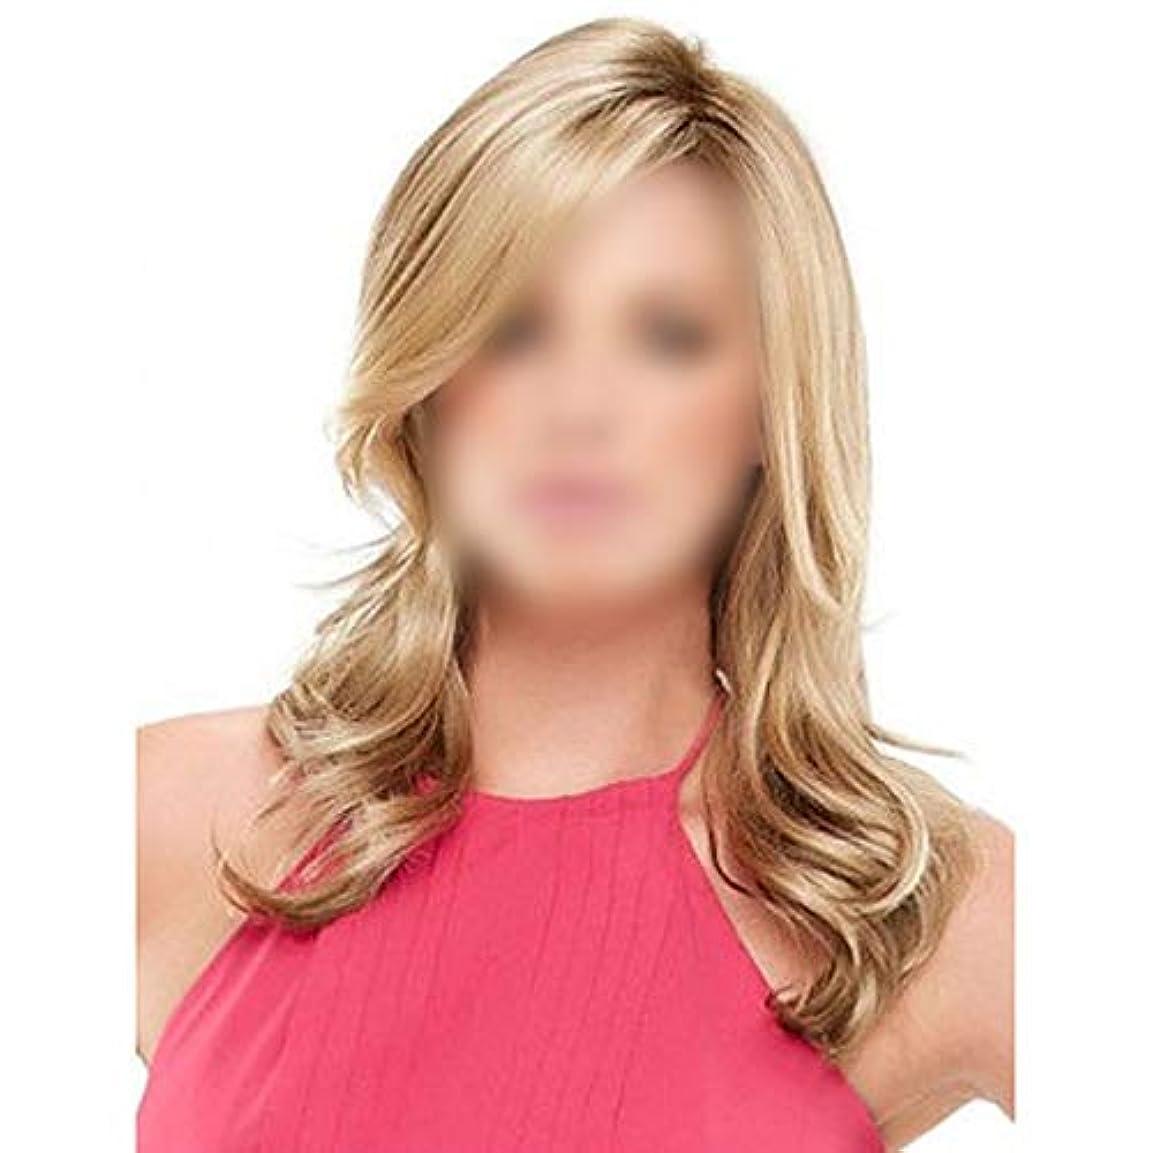 マトロンモード不毛WASAIO 斜め前髪の長いウェーブのかかった巻き毛ウィッグ女性のスタイルの交換のためのアクセサリー毎日のドレス耐熱繊維 (色 : Blonde, サイズ : 70cm)